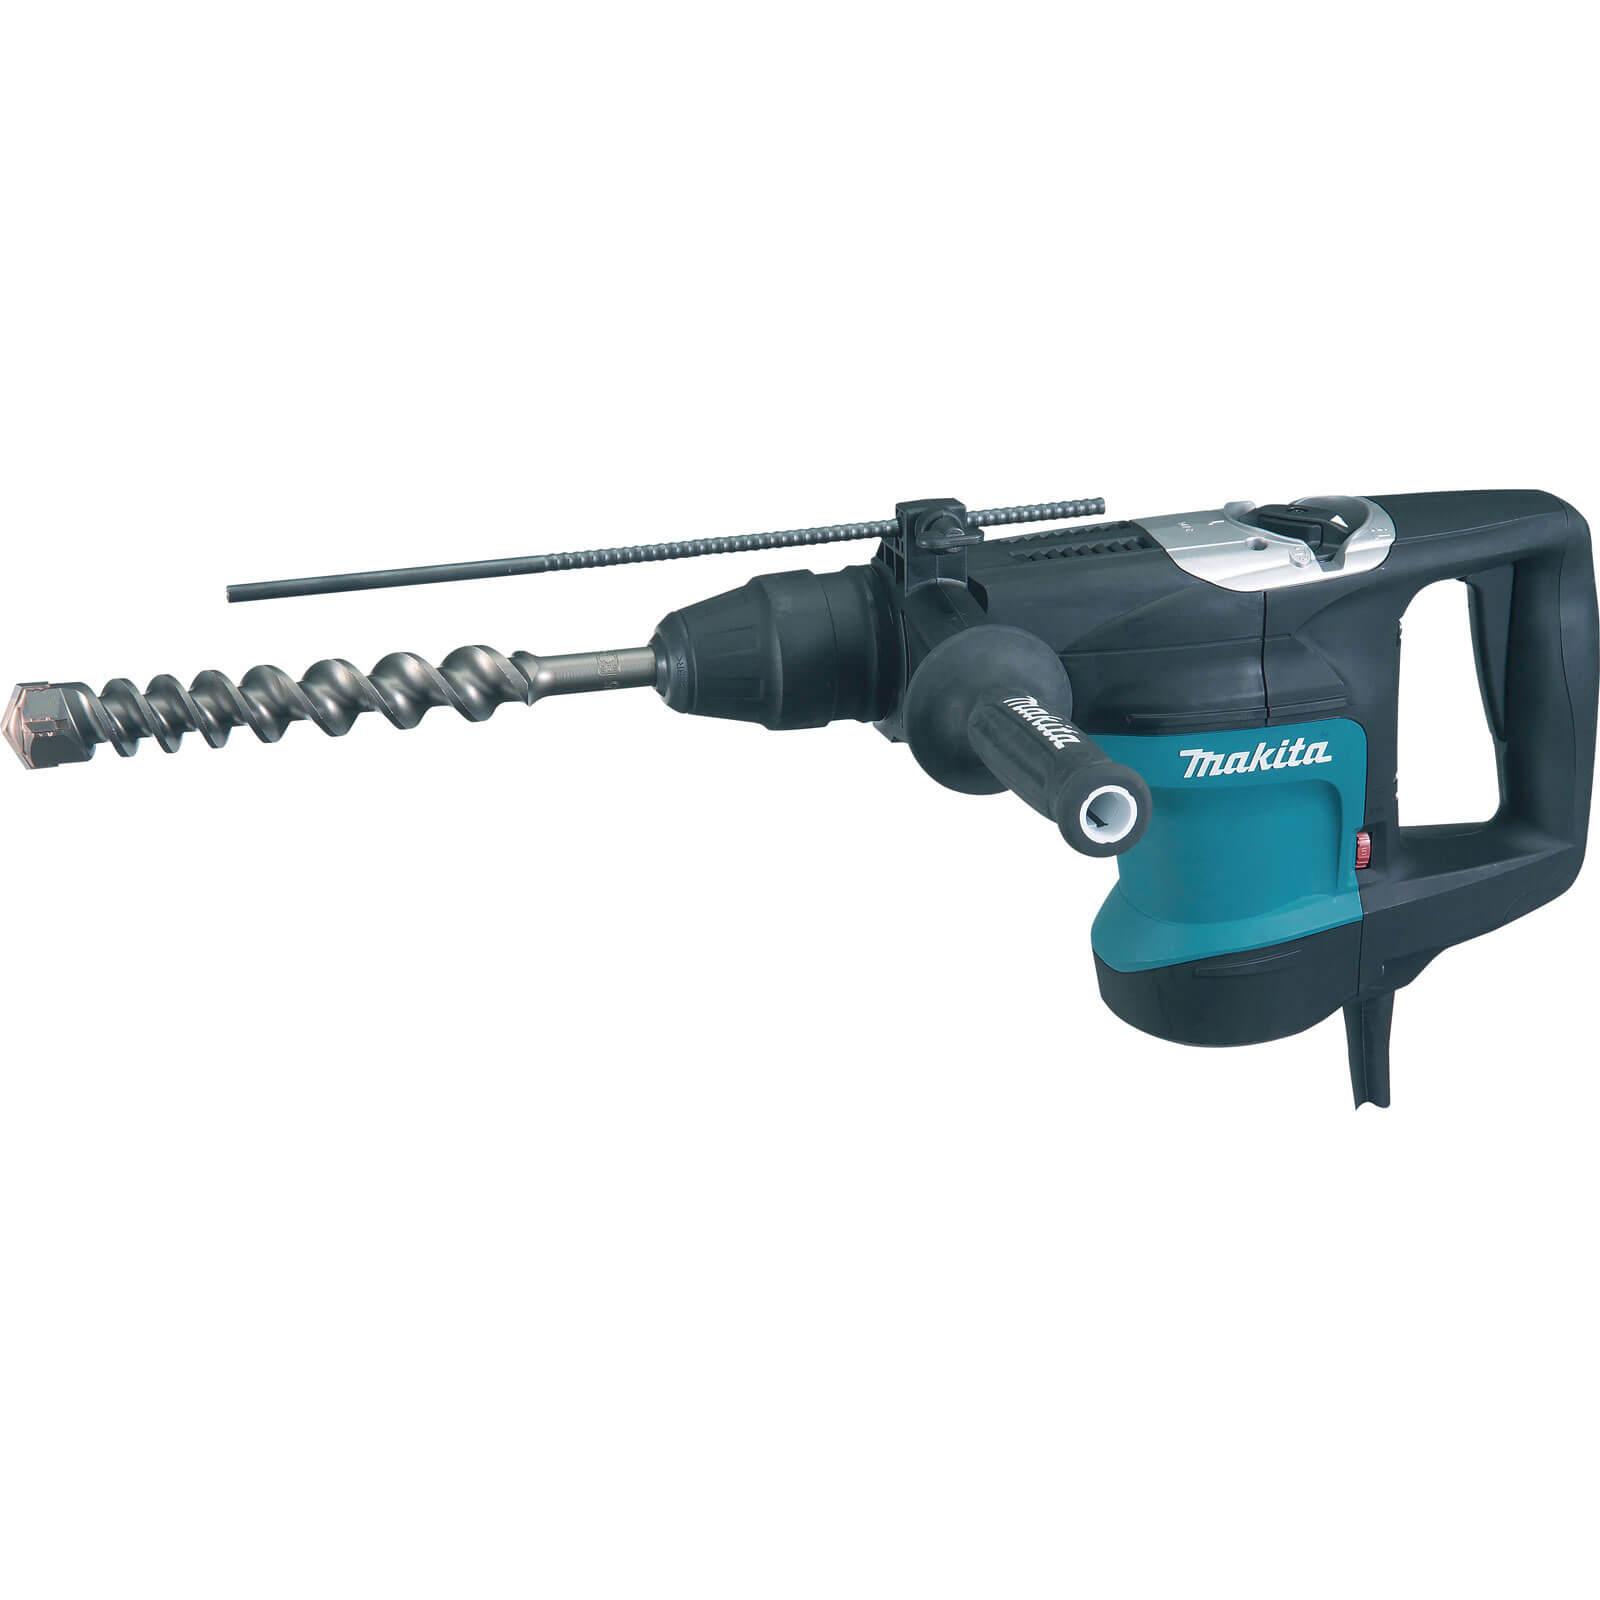 Makita HR3540C SDS Max Rotary Hammer Drill 850w 240v